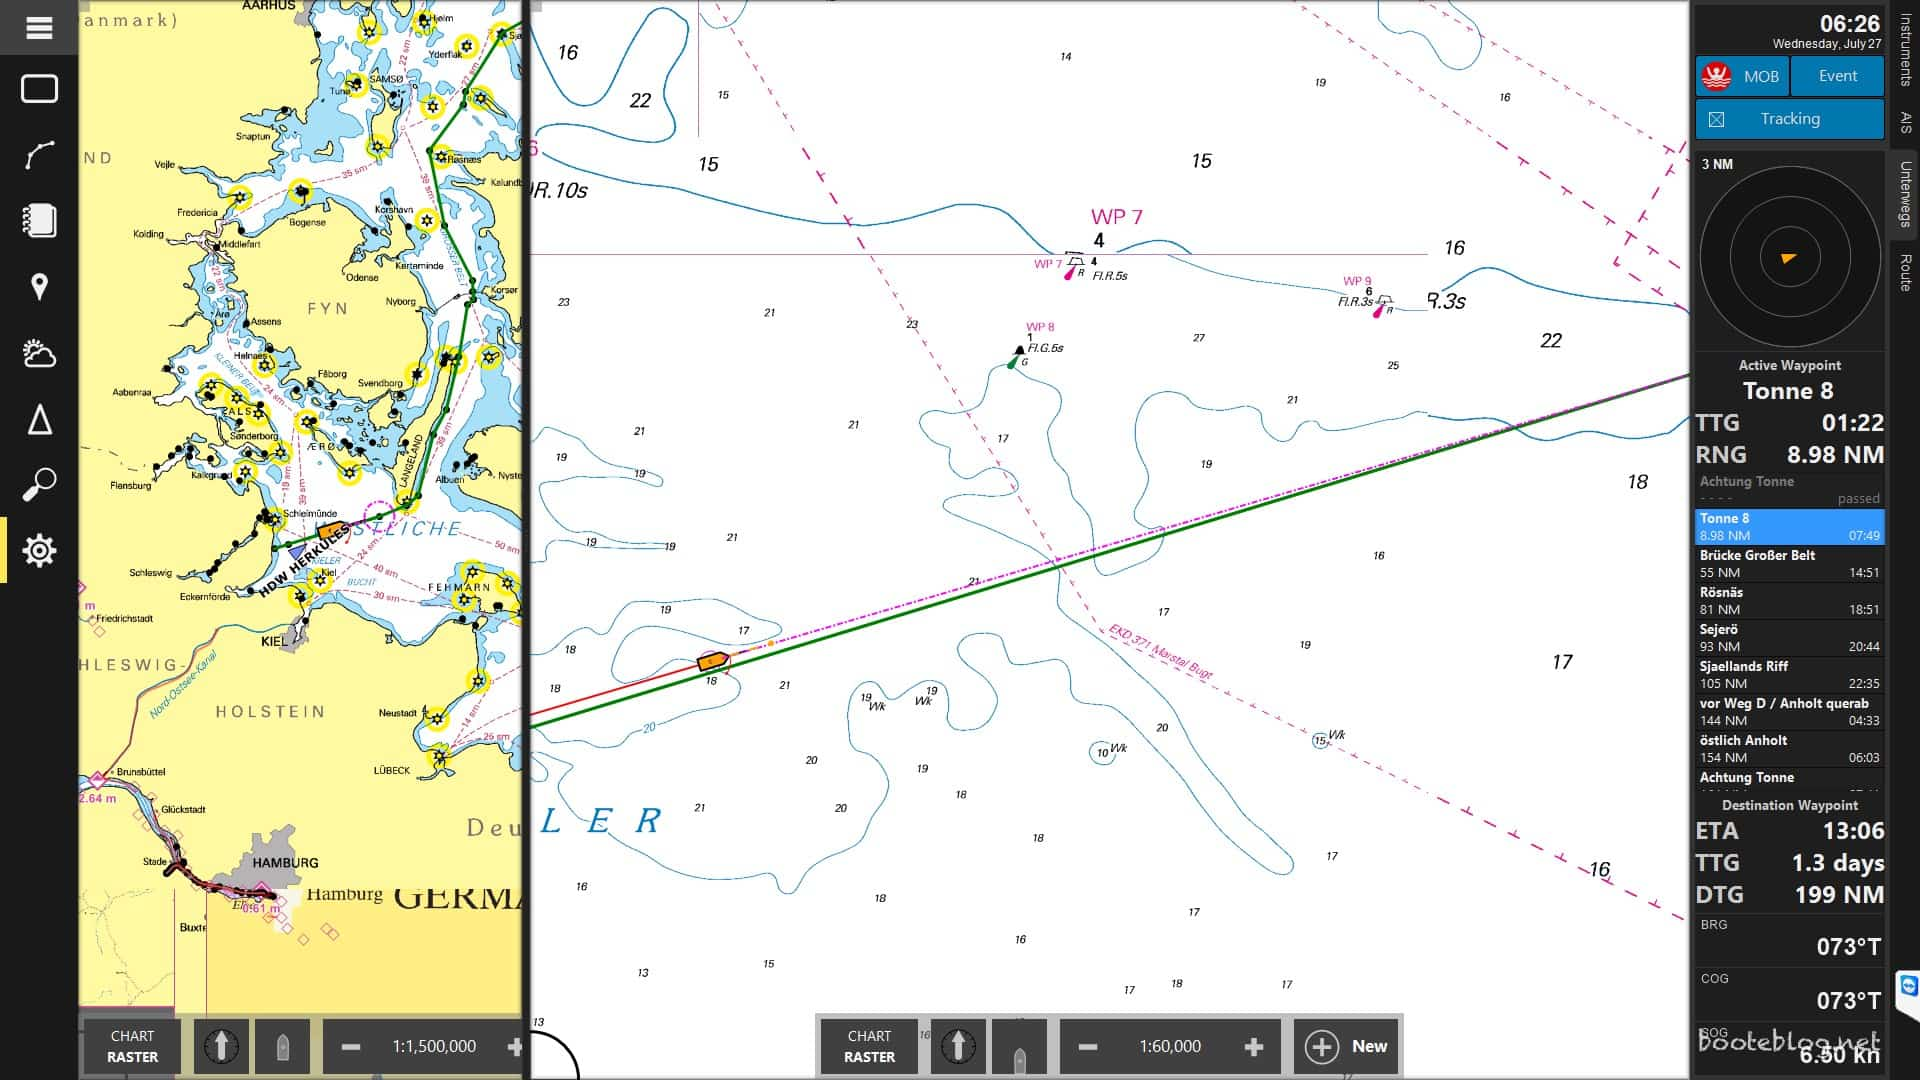 CoastalExplorer Navigation ungefähr eine Stunde nach dem Ablegen: Nur noch 1,3 Tage zu fahren.